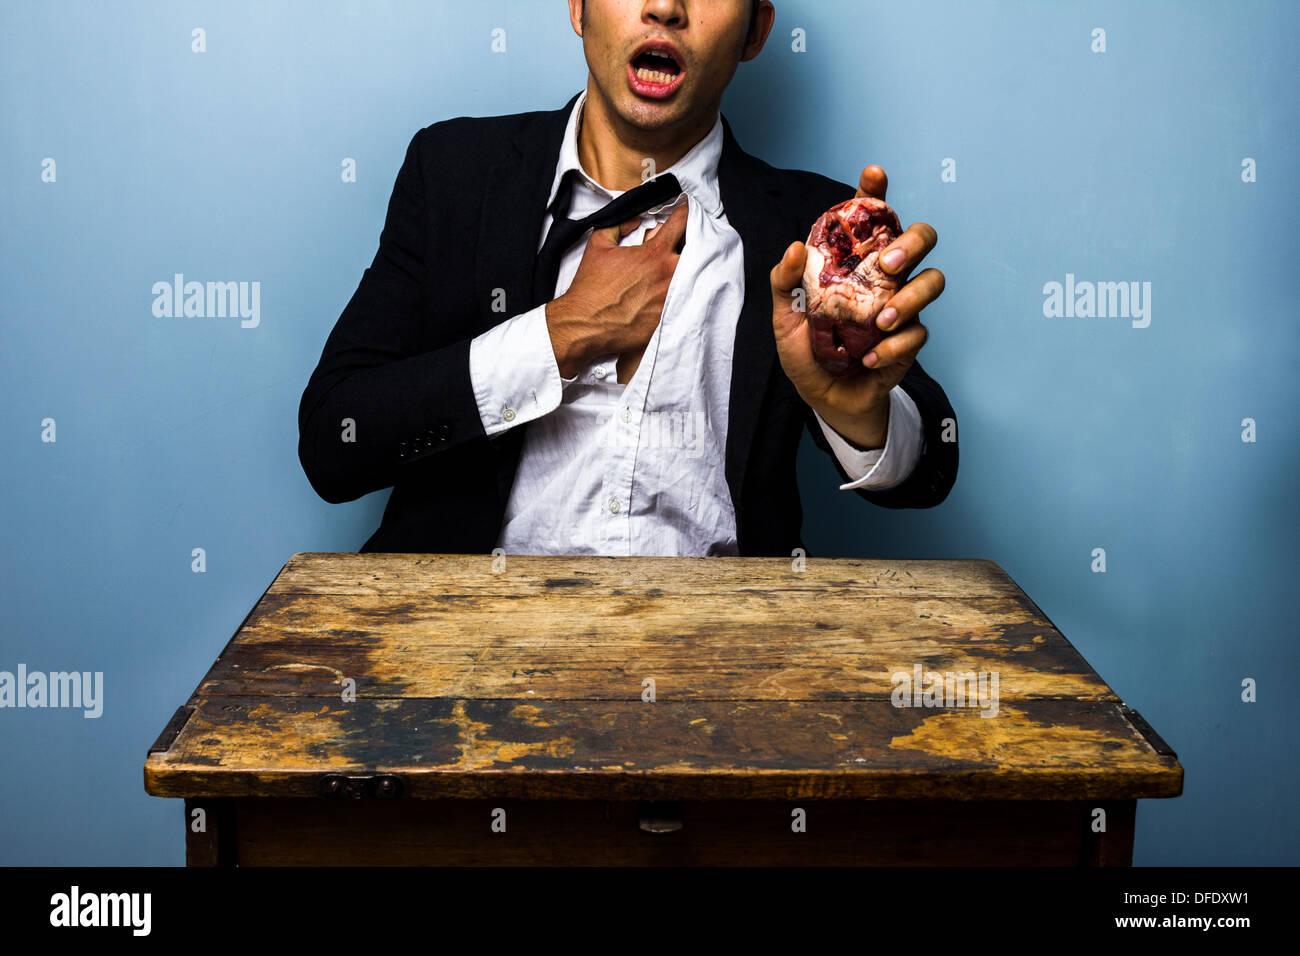 Junger Geschäftsmann hält seine Brust Schmerzen, ein rohes Tier Herz in seine andere Hand um einen Herzinfarkt zu symbolisieren festhalten Stockbild